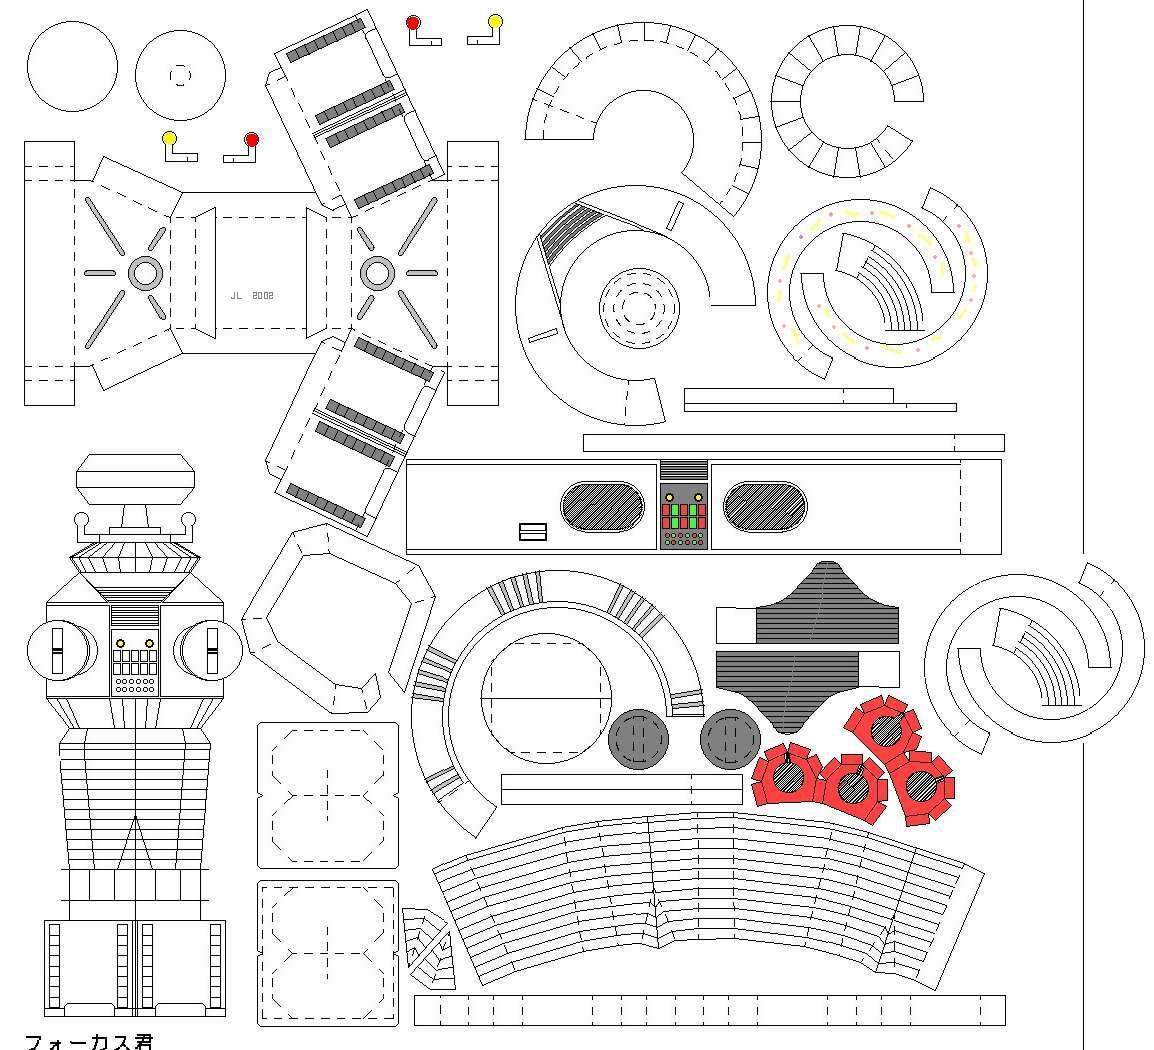 Desenhos Para Colorir Em Geral Robo Retro Paper Toy